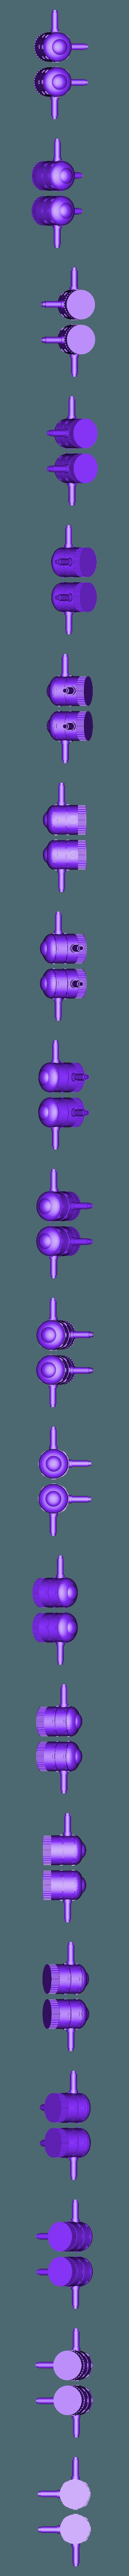 GG_turret_90.stl Télécharger fichier STL gratuit Demi-châssis de forteresse de combat mobile orque / orque • Design à imprimer en 3D, redstarkits